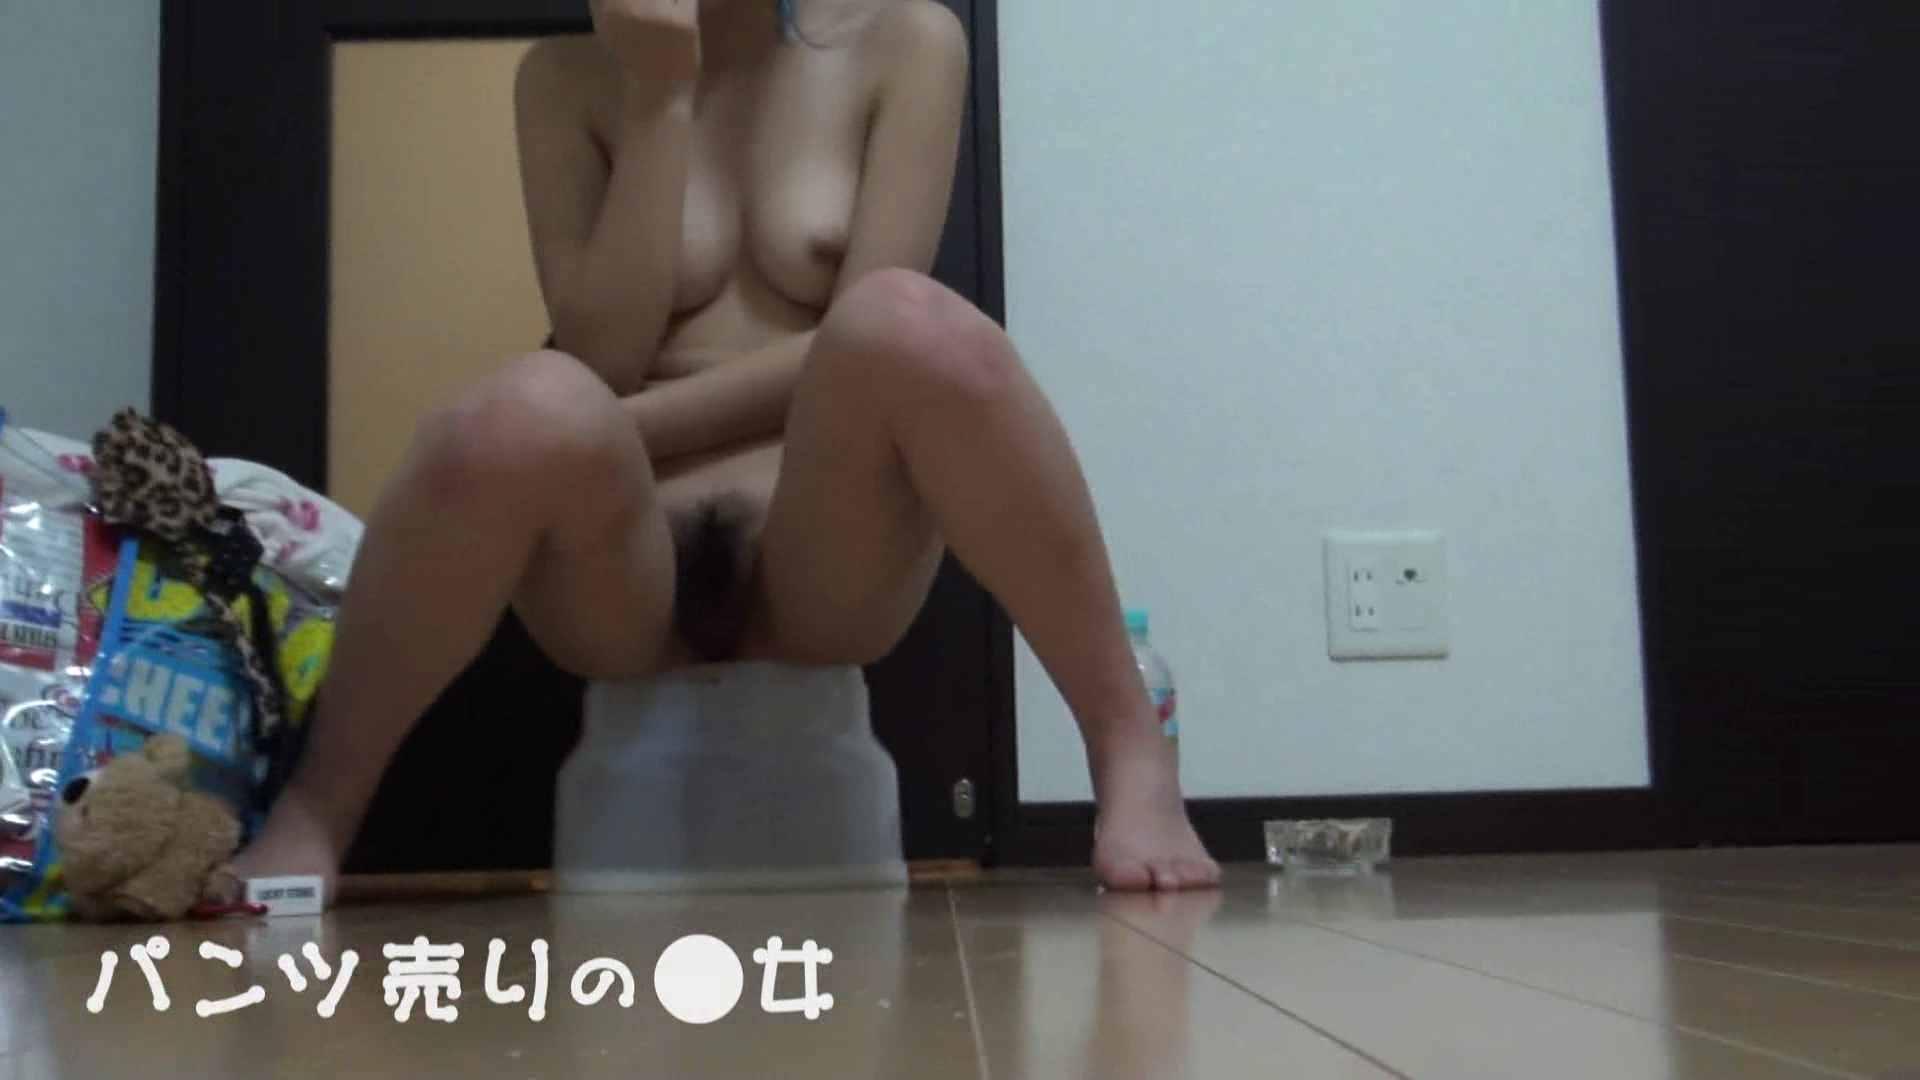 新説 パンツ売りの女の子nana02 盗撮 覗きおまんこ画像 103PIX 42